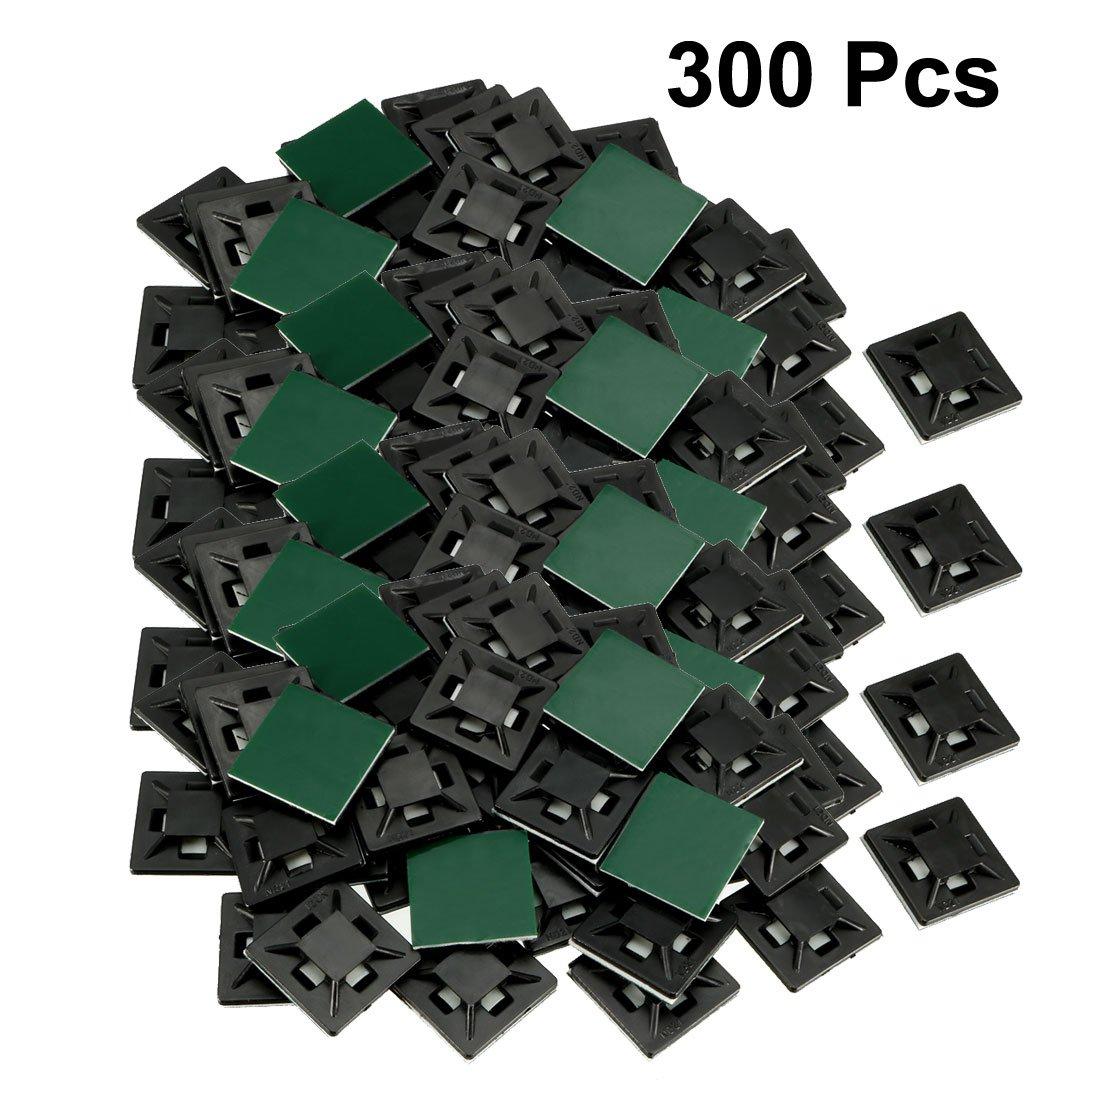 uxcell 自己粘着ケーブルタイマウント ワイヤーベースホルダー 12.5mm x 12.5mm 21x21mm 300pcs Black a18041100ux0197 21x21mm 300pcs Black  B07FDY7CD5